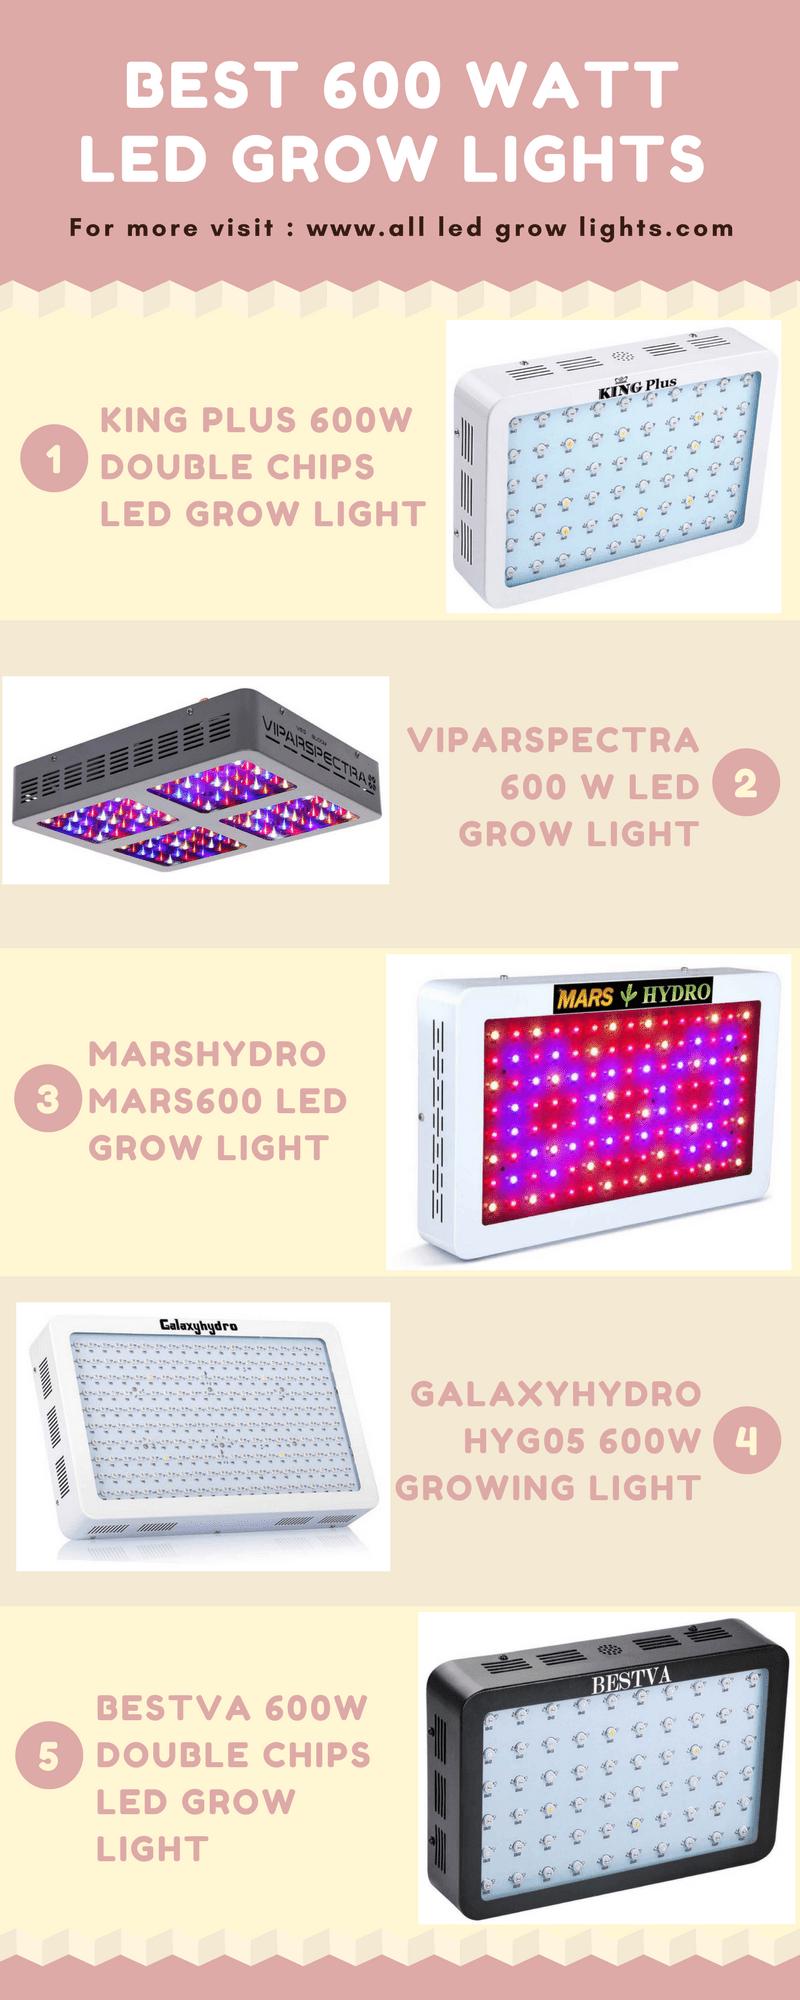 best 600 watt led grow light info graph